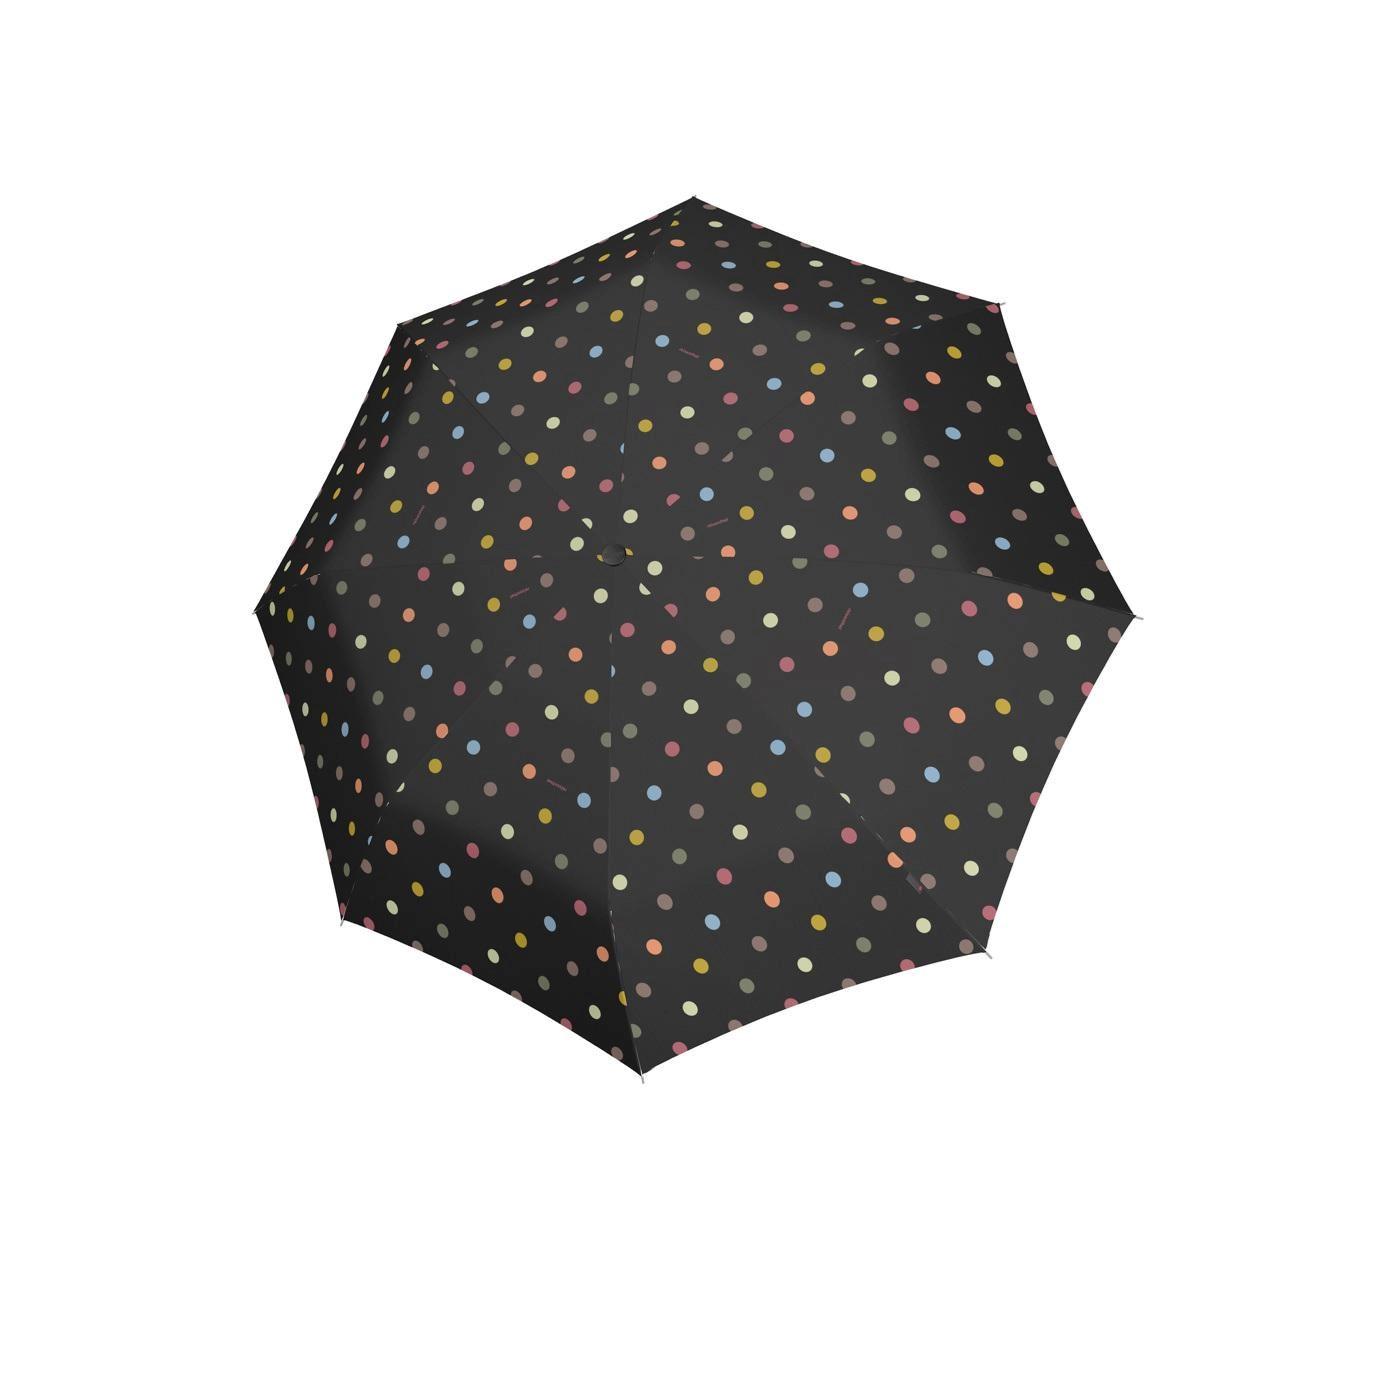 Deštník Umbrella Pocket Classic dots_1